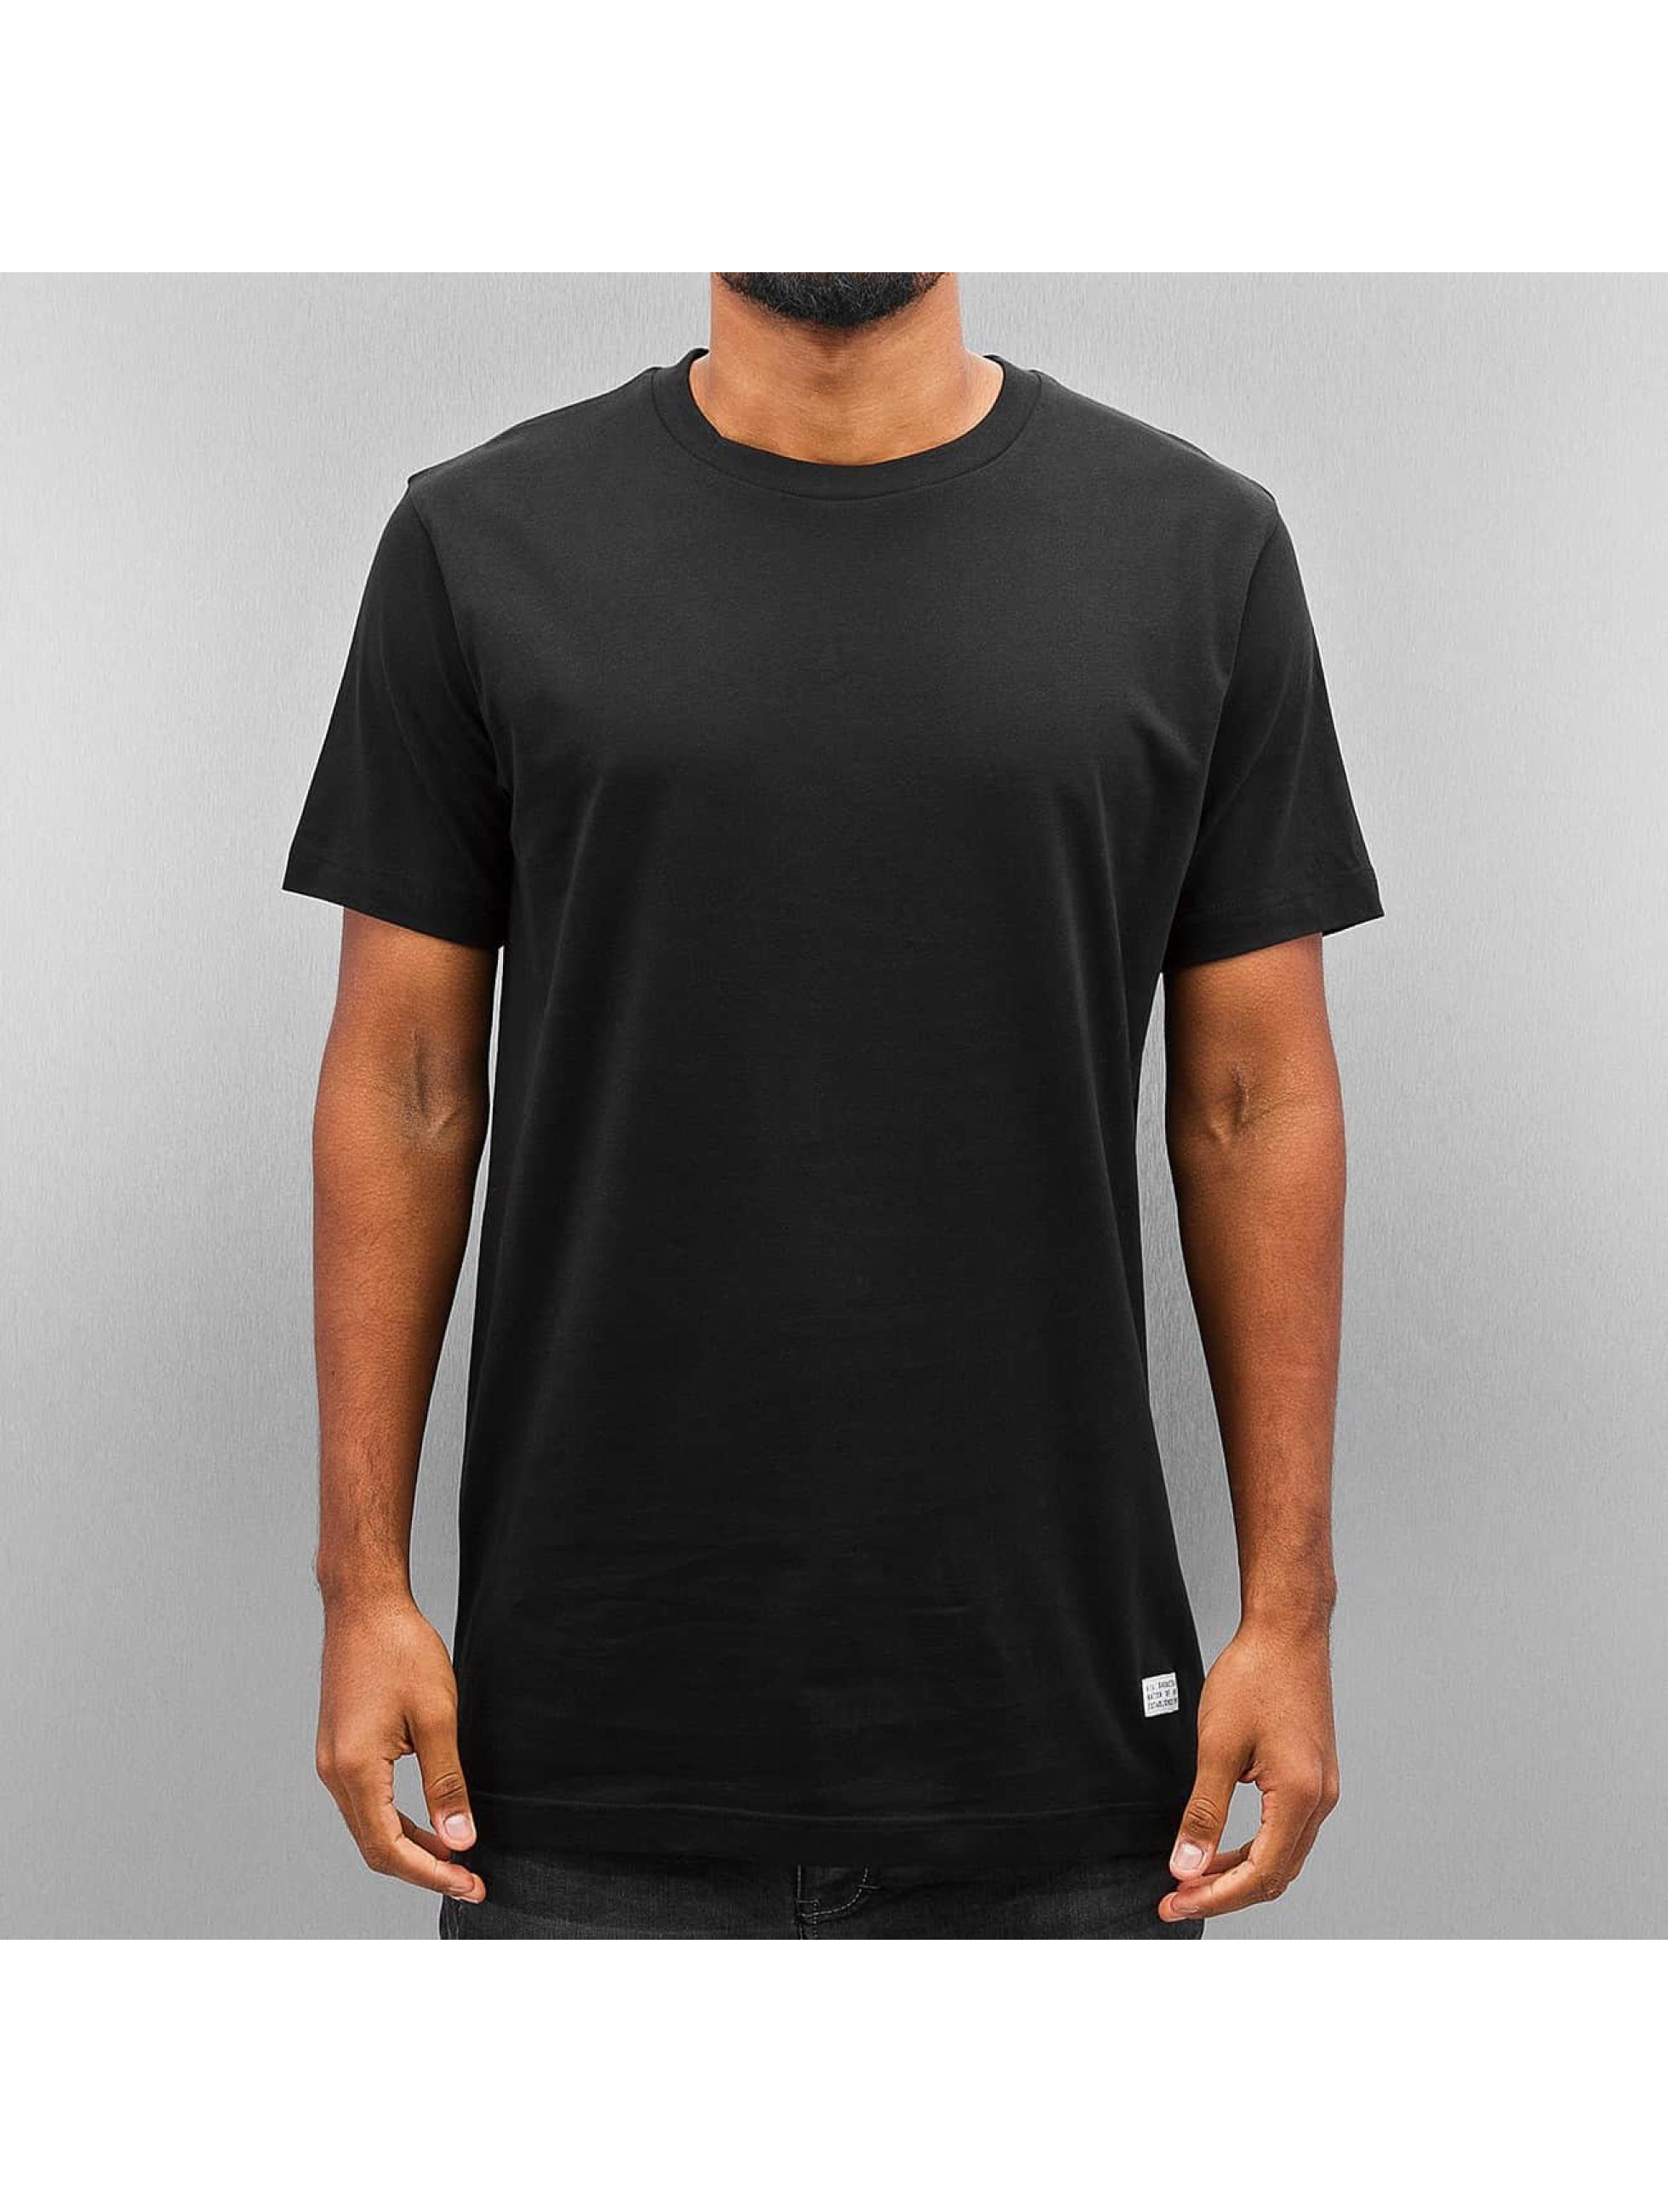 K1X T-Shirt Authentic black